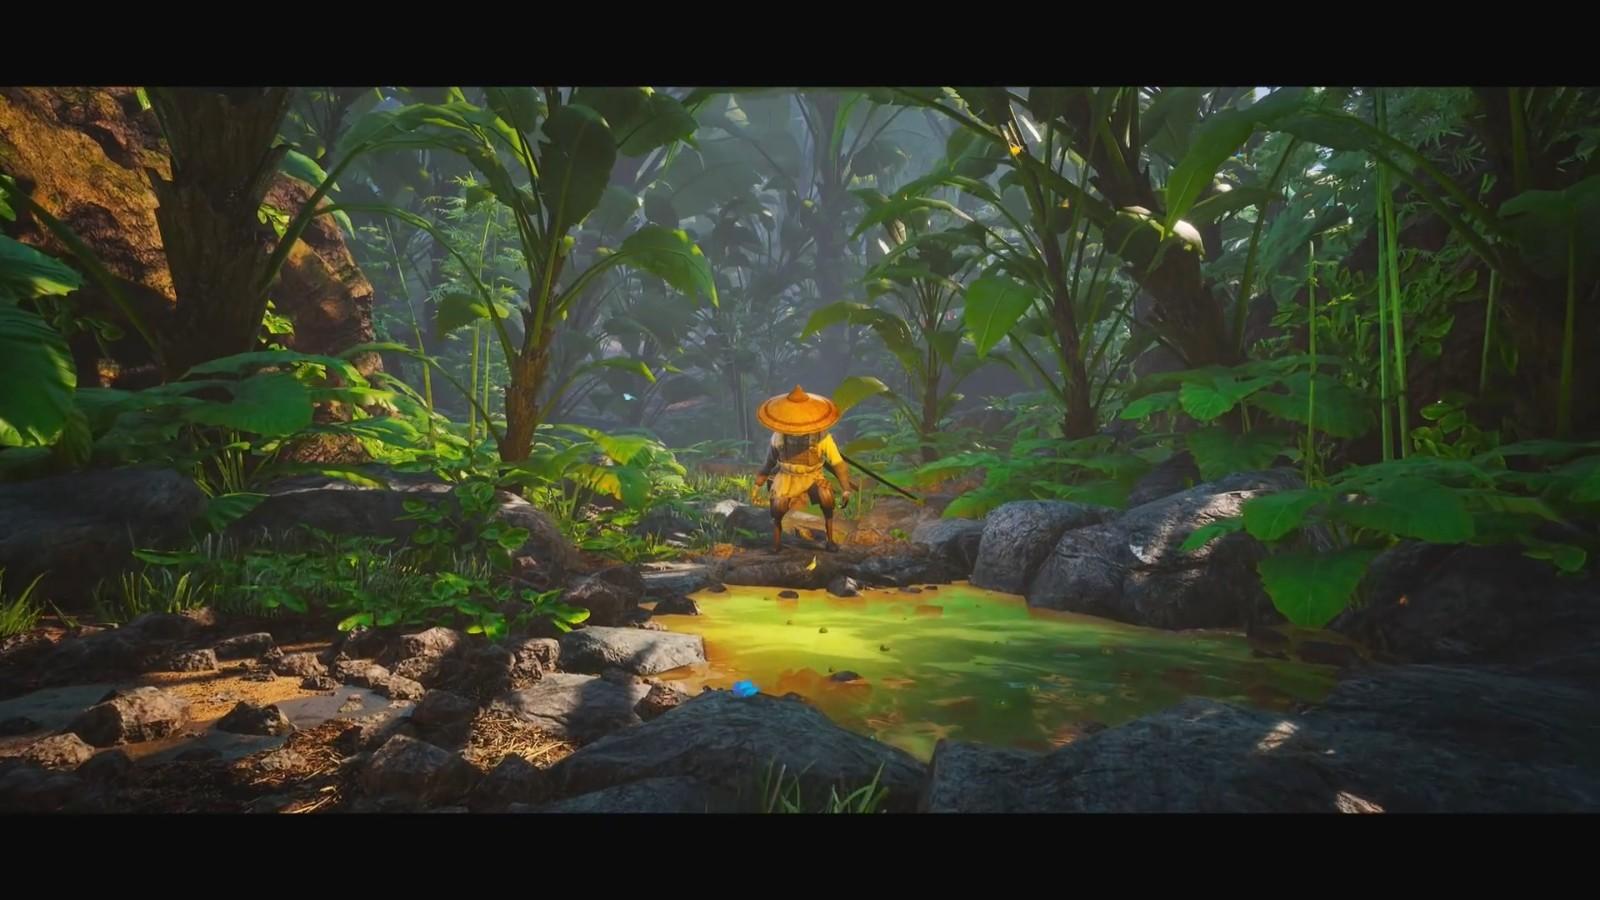 开放世界动作RPG《生化变种》全新预告 支持中文语音